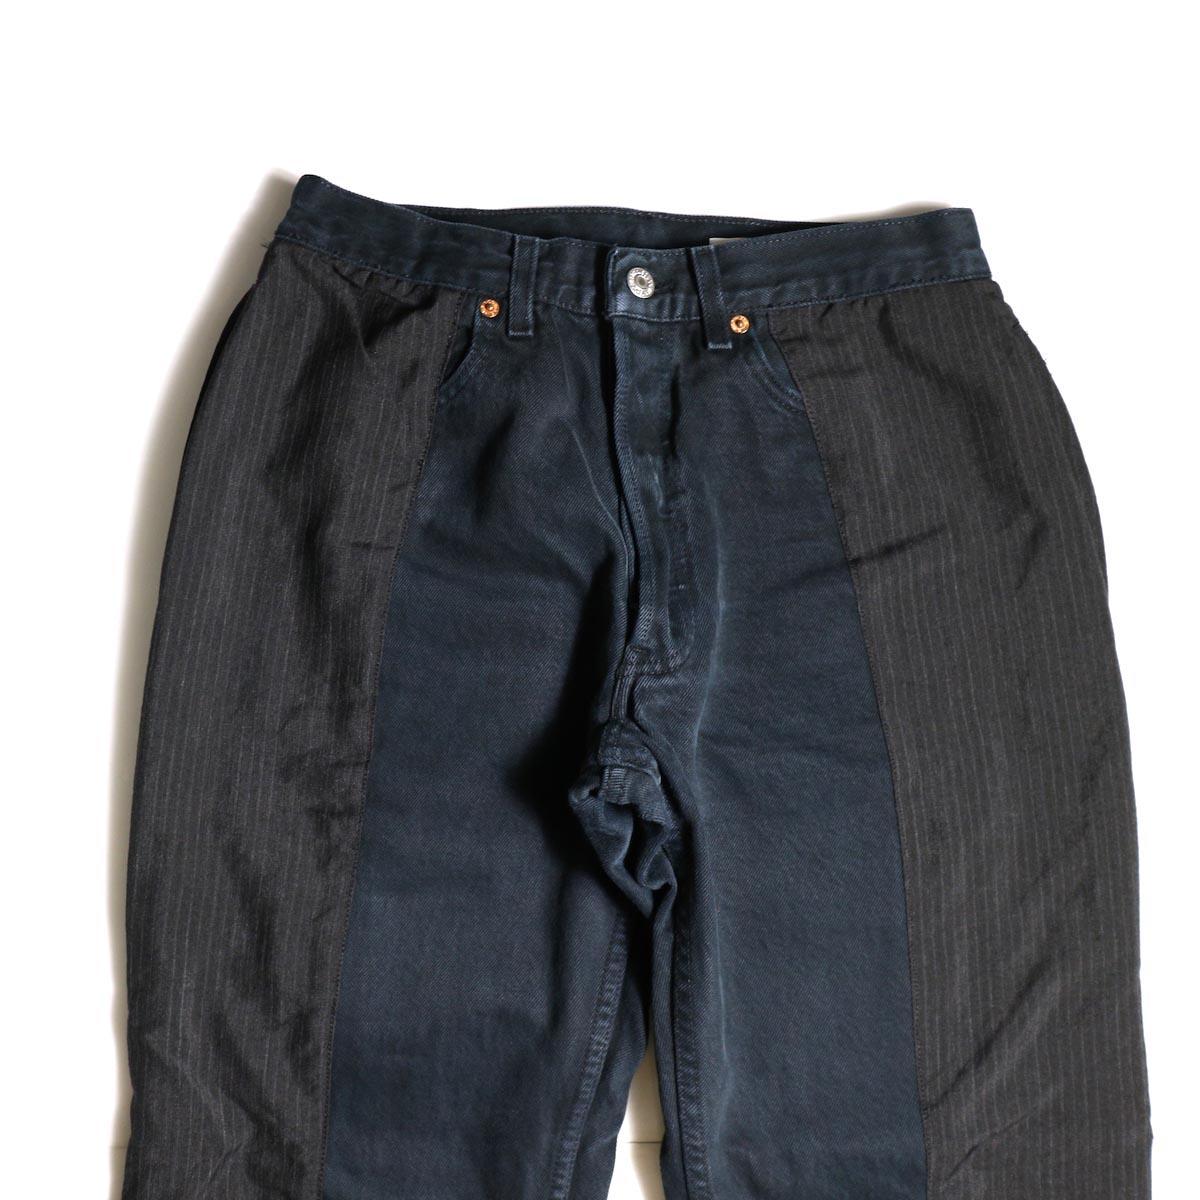 OLD PARK / Docking Jeans Black (Ssize-B)ウエスト